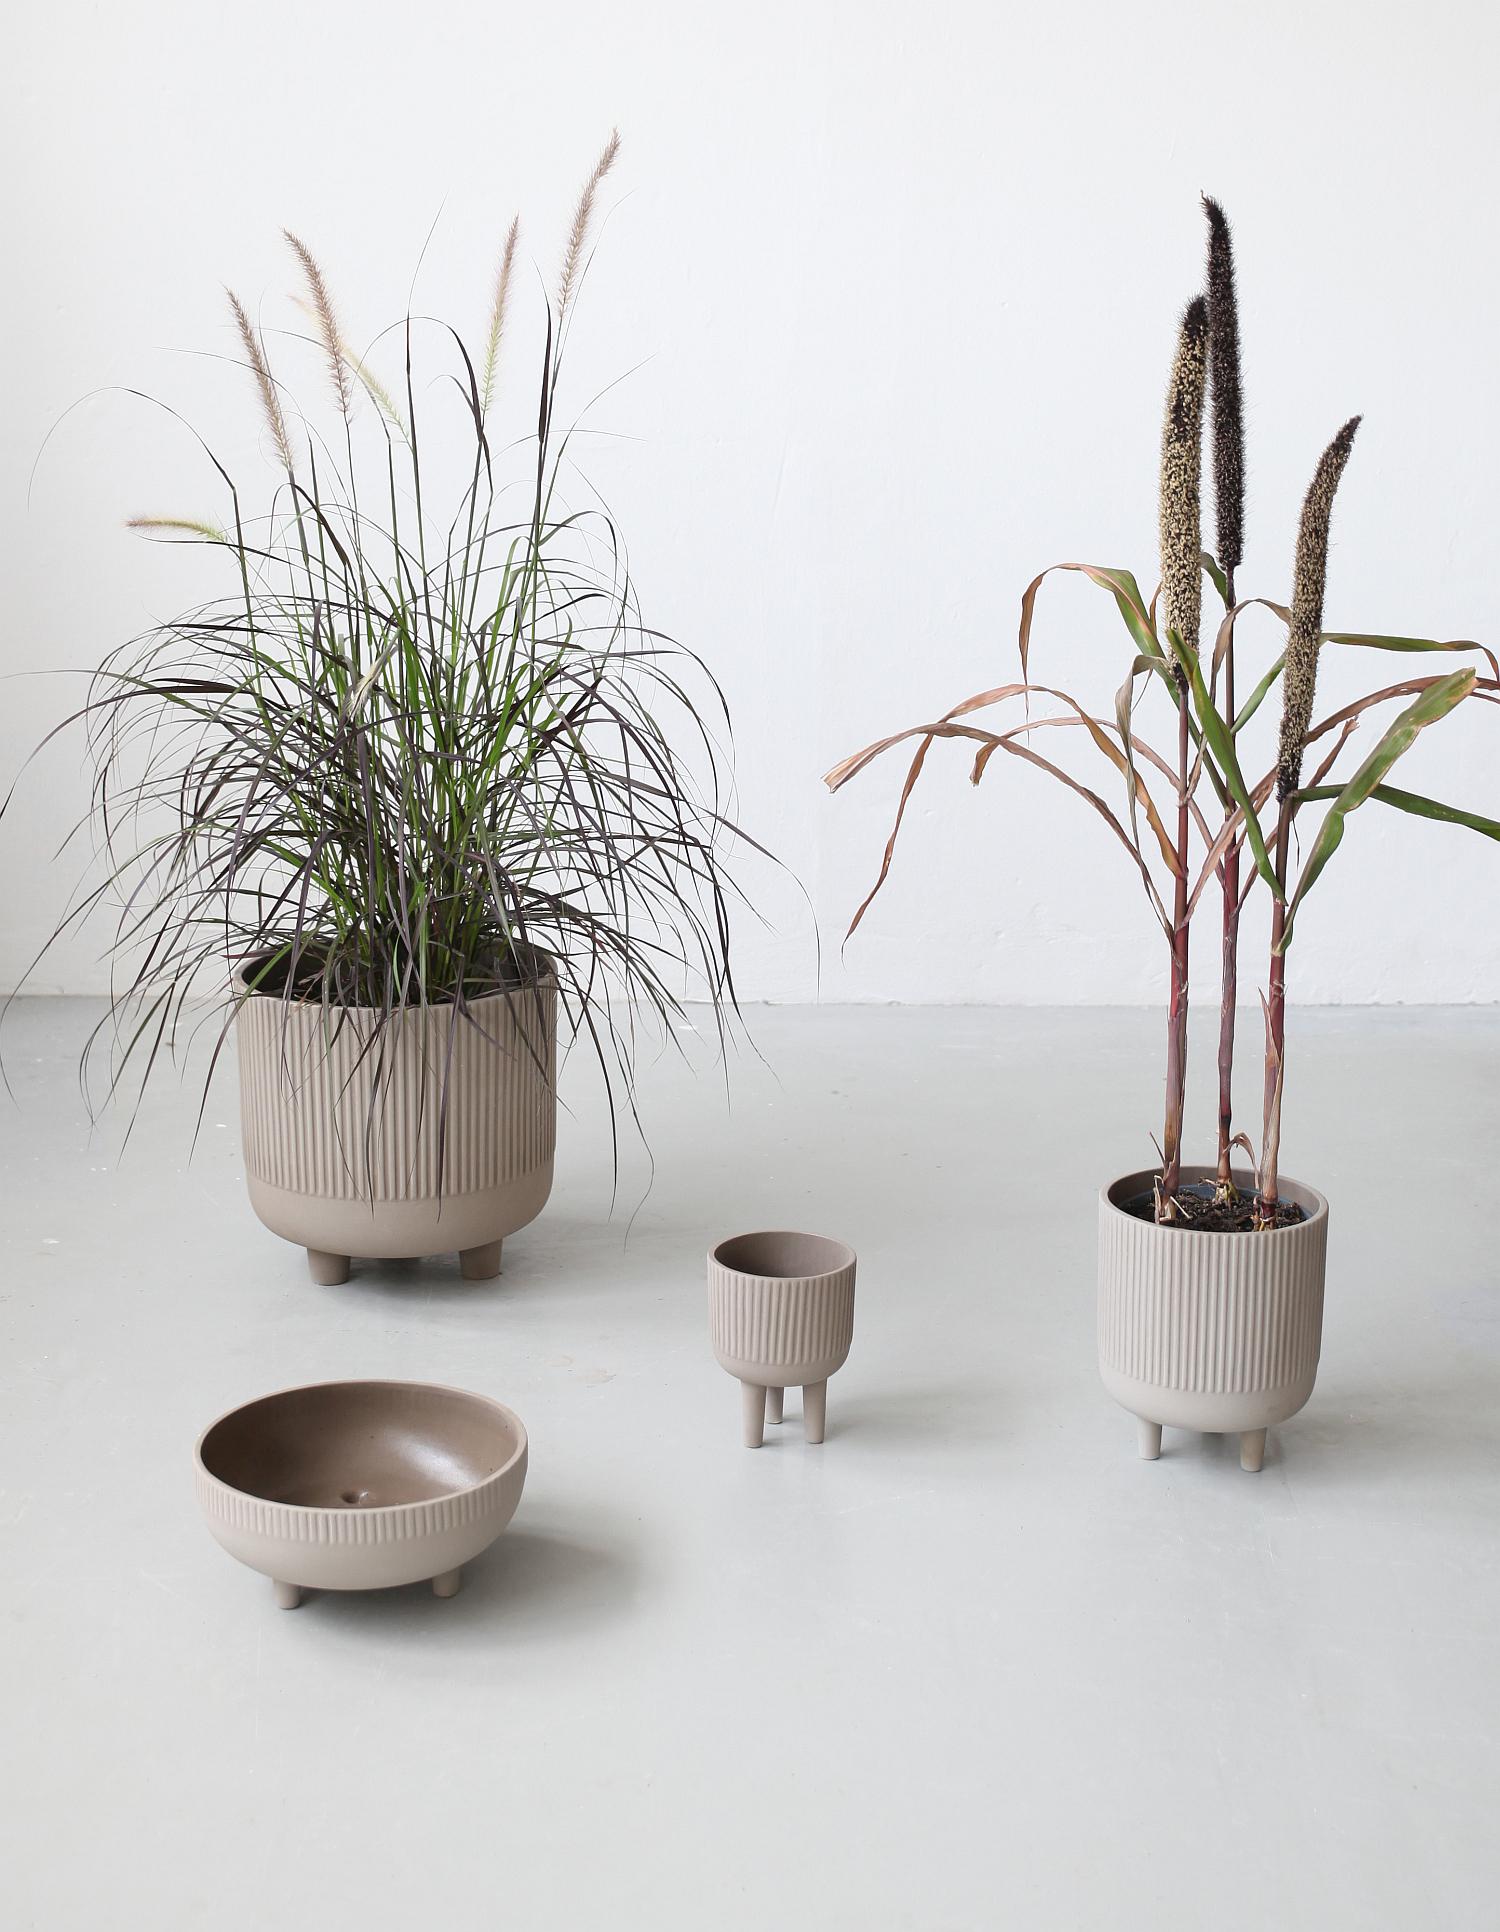 Keramik von Kristina Dam | Fotonachweis: Kristina Dam